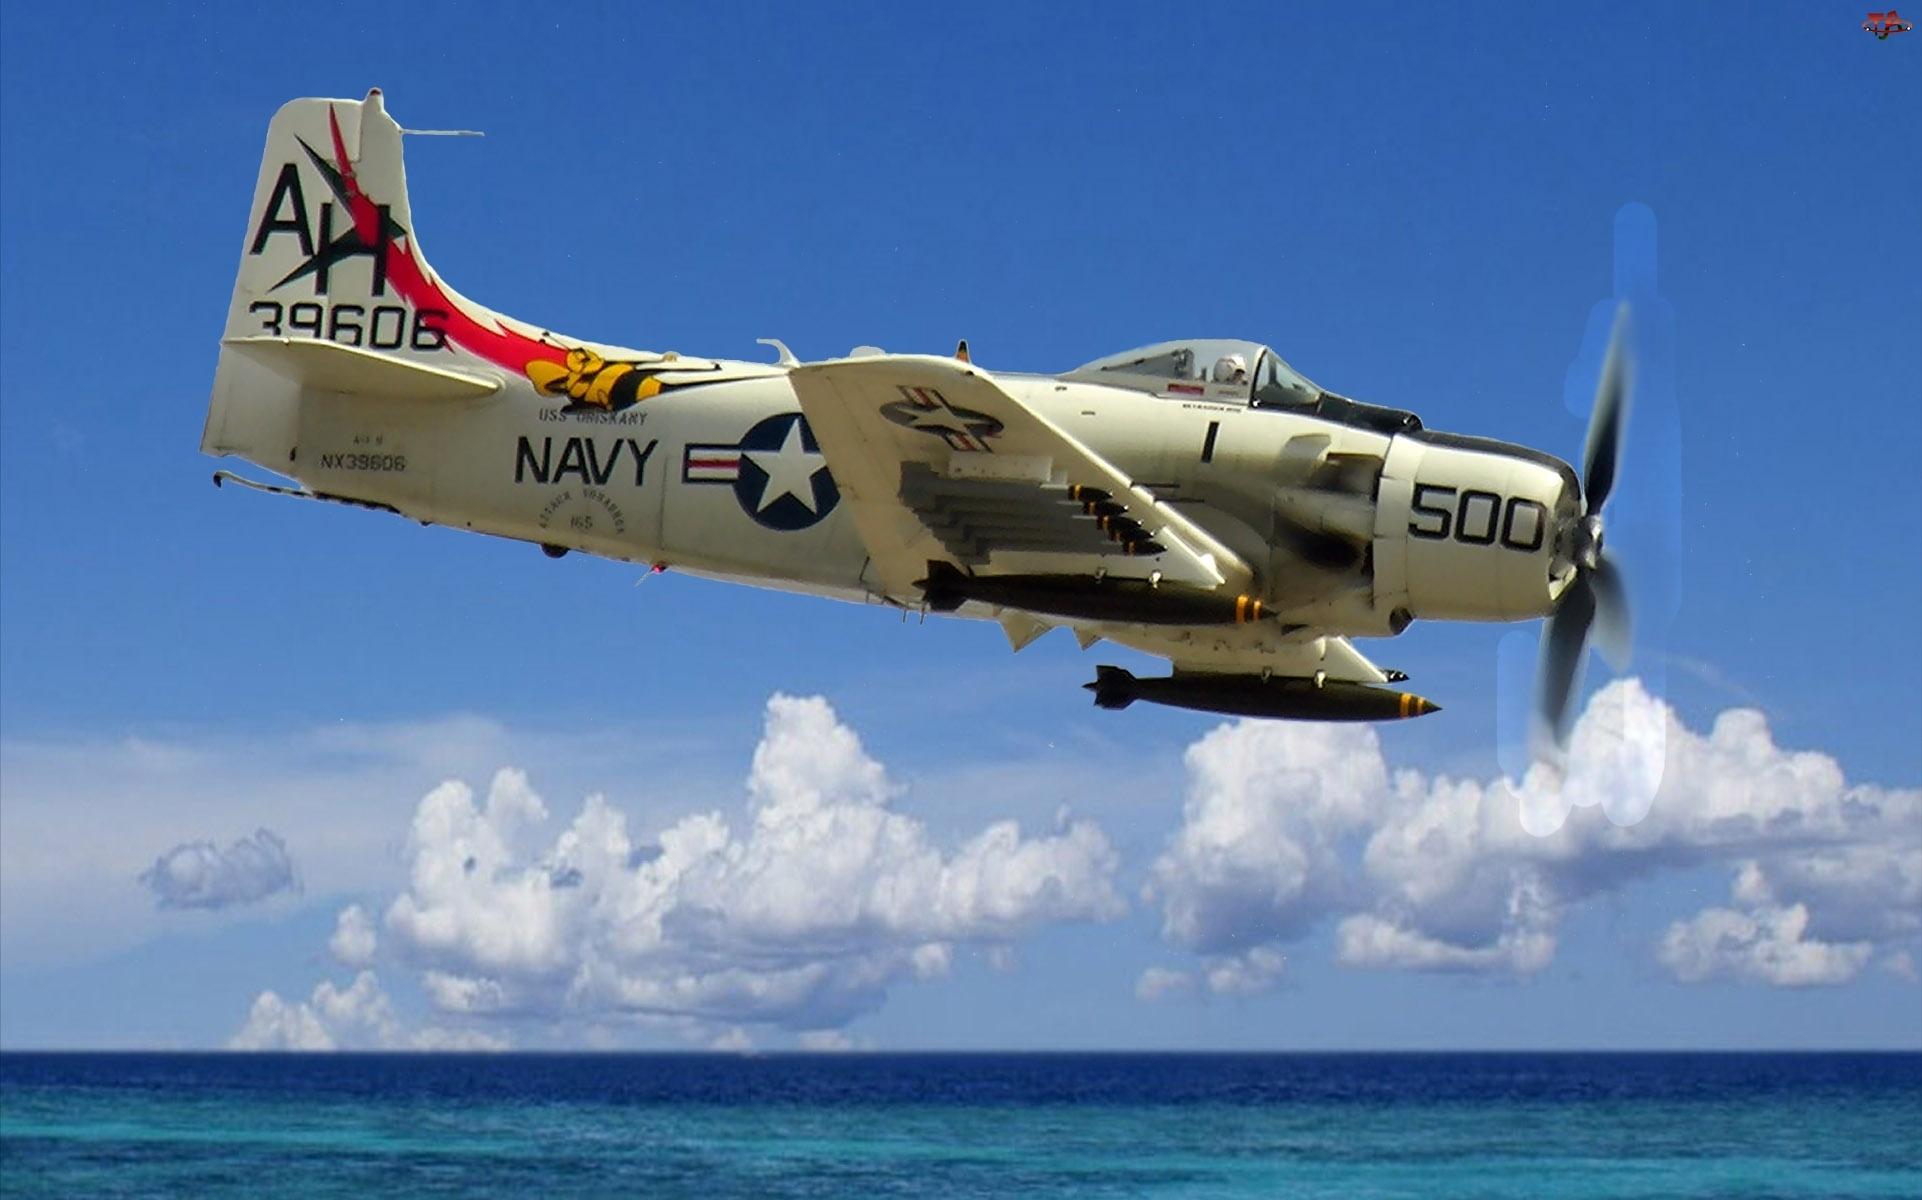 Douglas A-1H Skyraider, Uzbrojenie